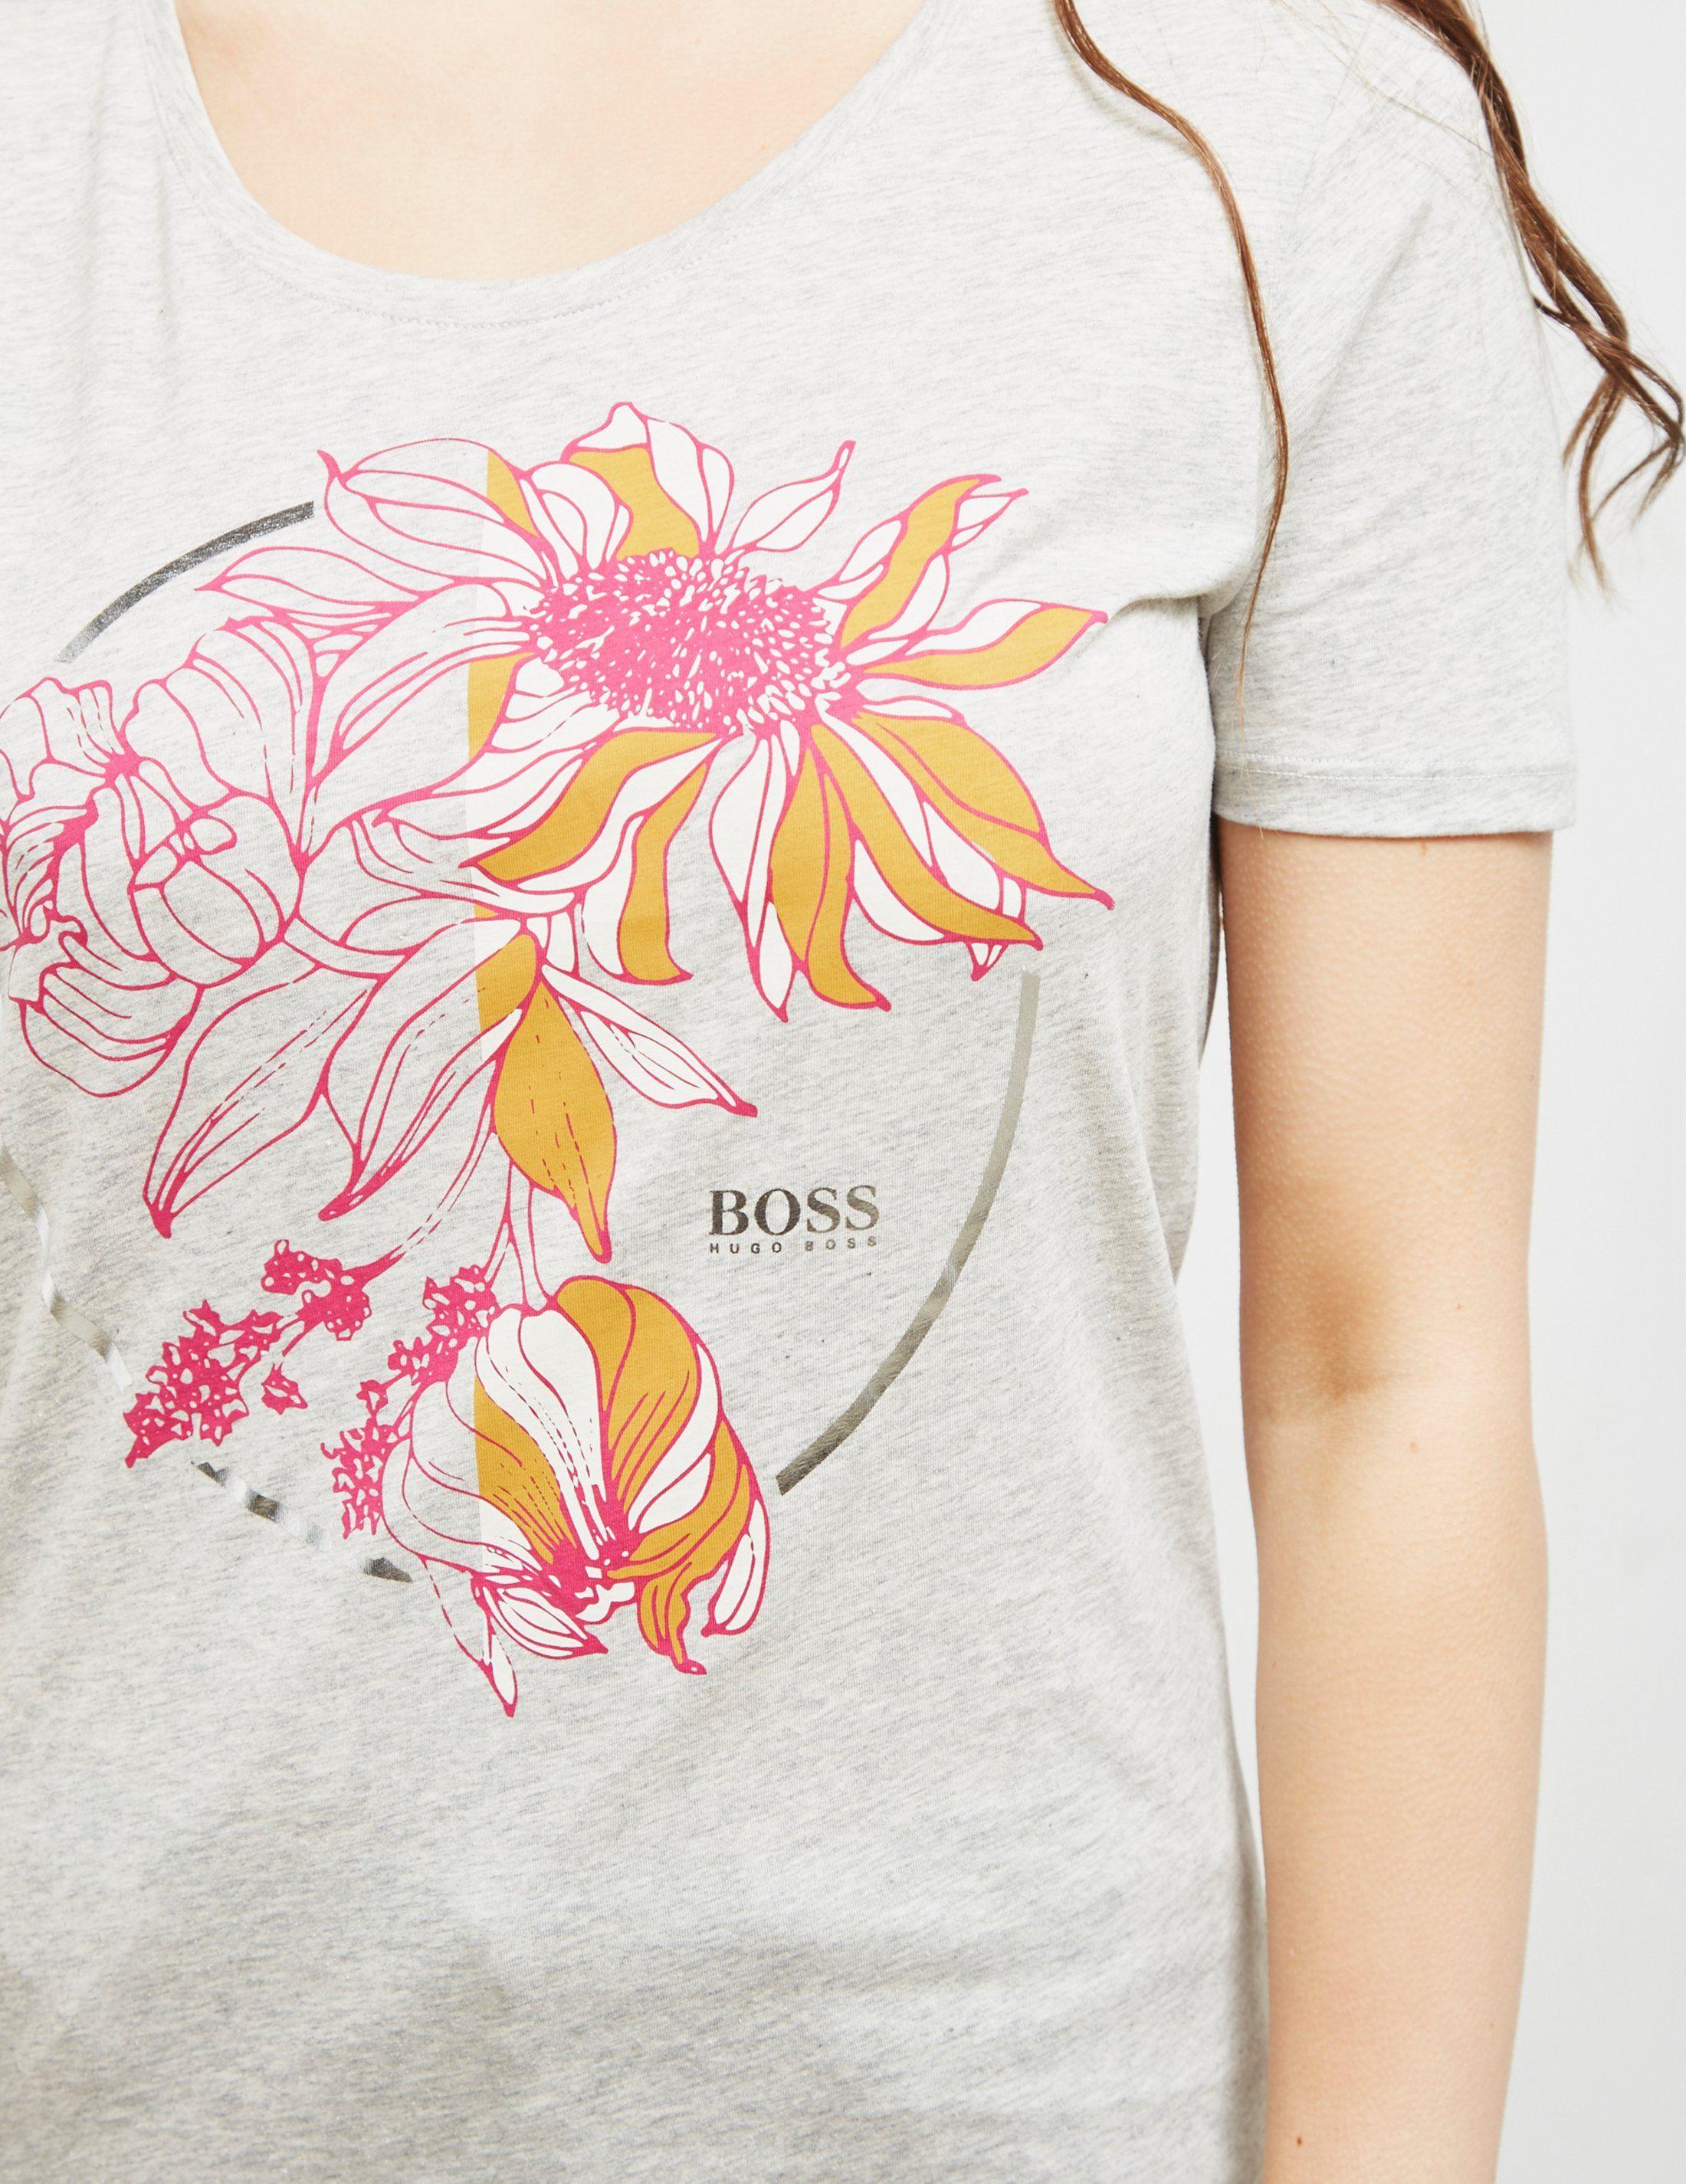 BOSS Flower Short Sleeve T-Shirt - Online Exclusive